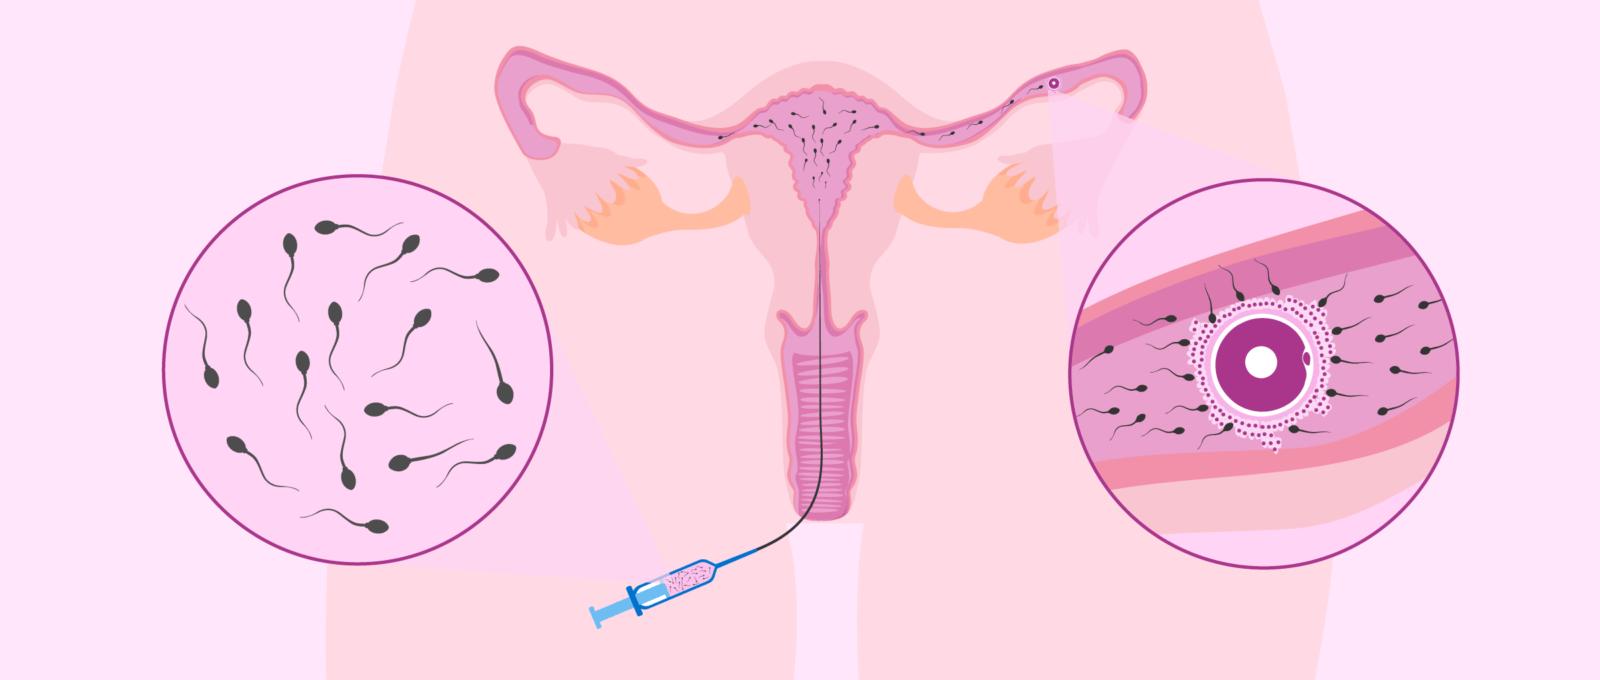 desenho mostrando esquema de inseminação intrauterina